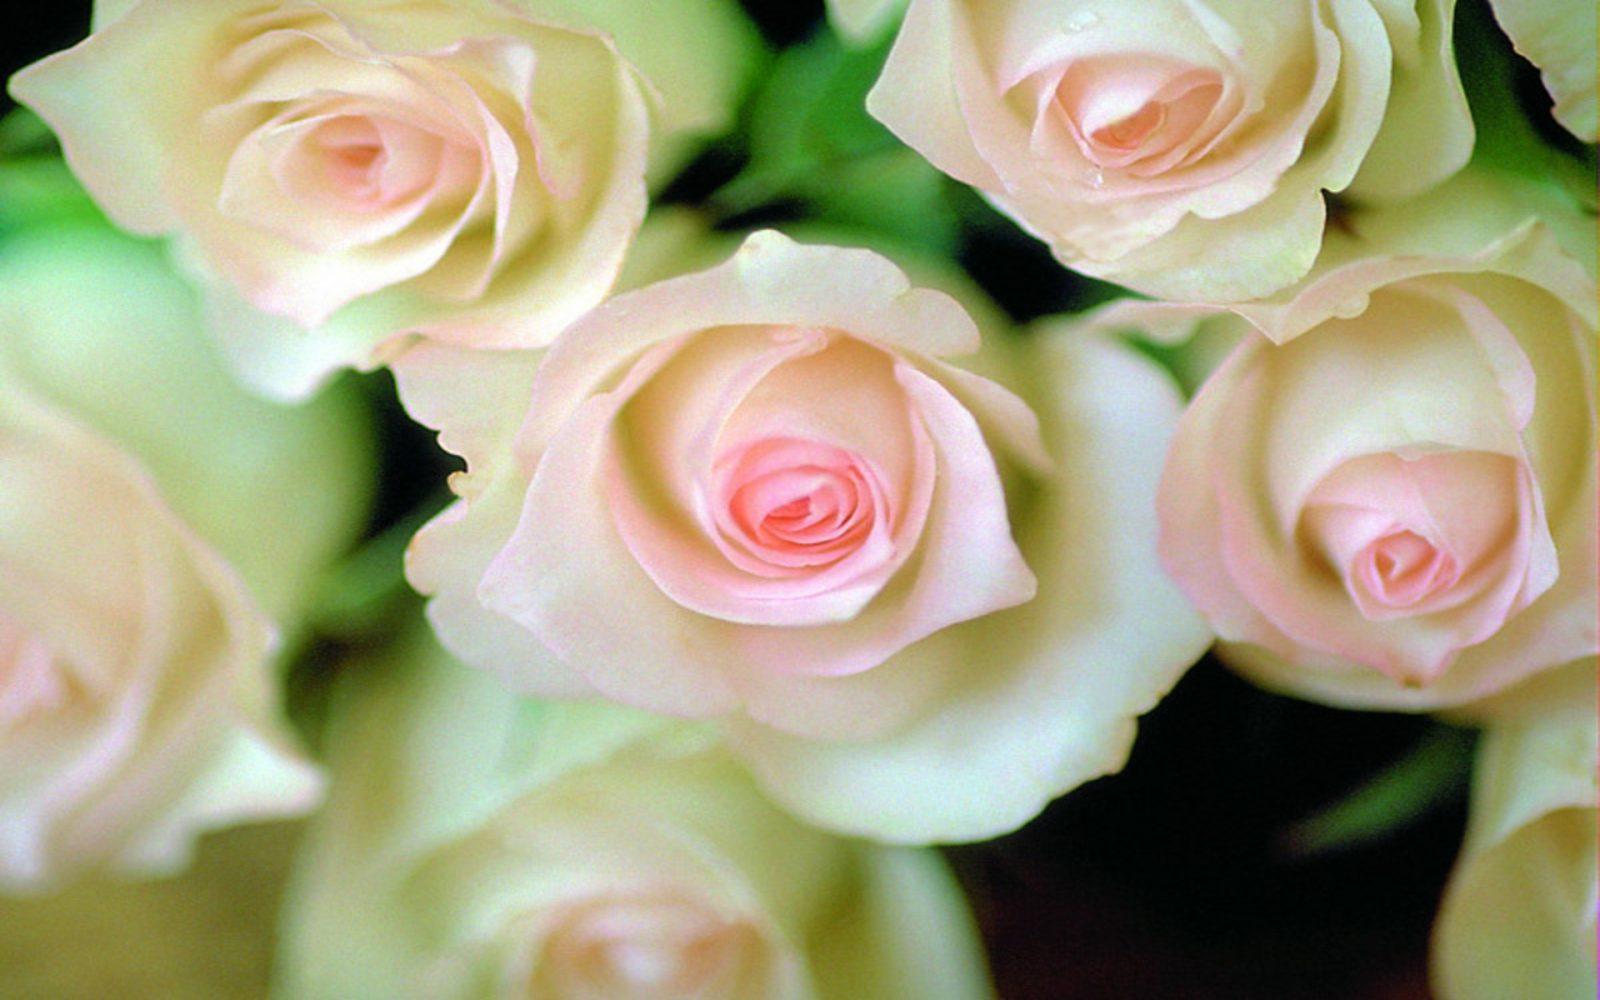 Rosas Imagenes, Rosas Fotos, Imagens de Rosas, Recados